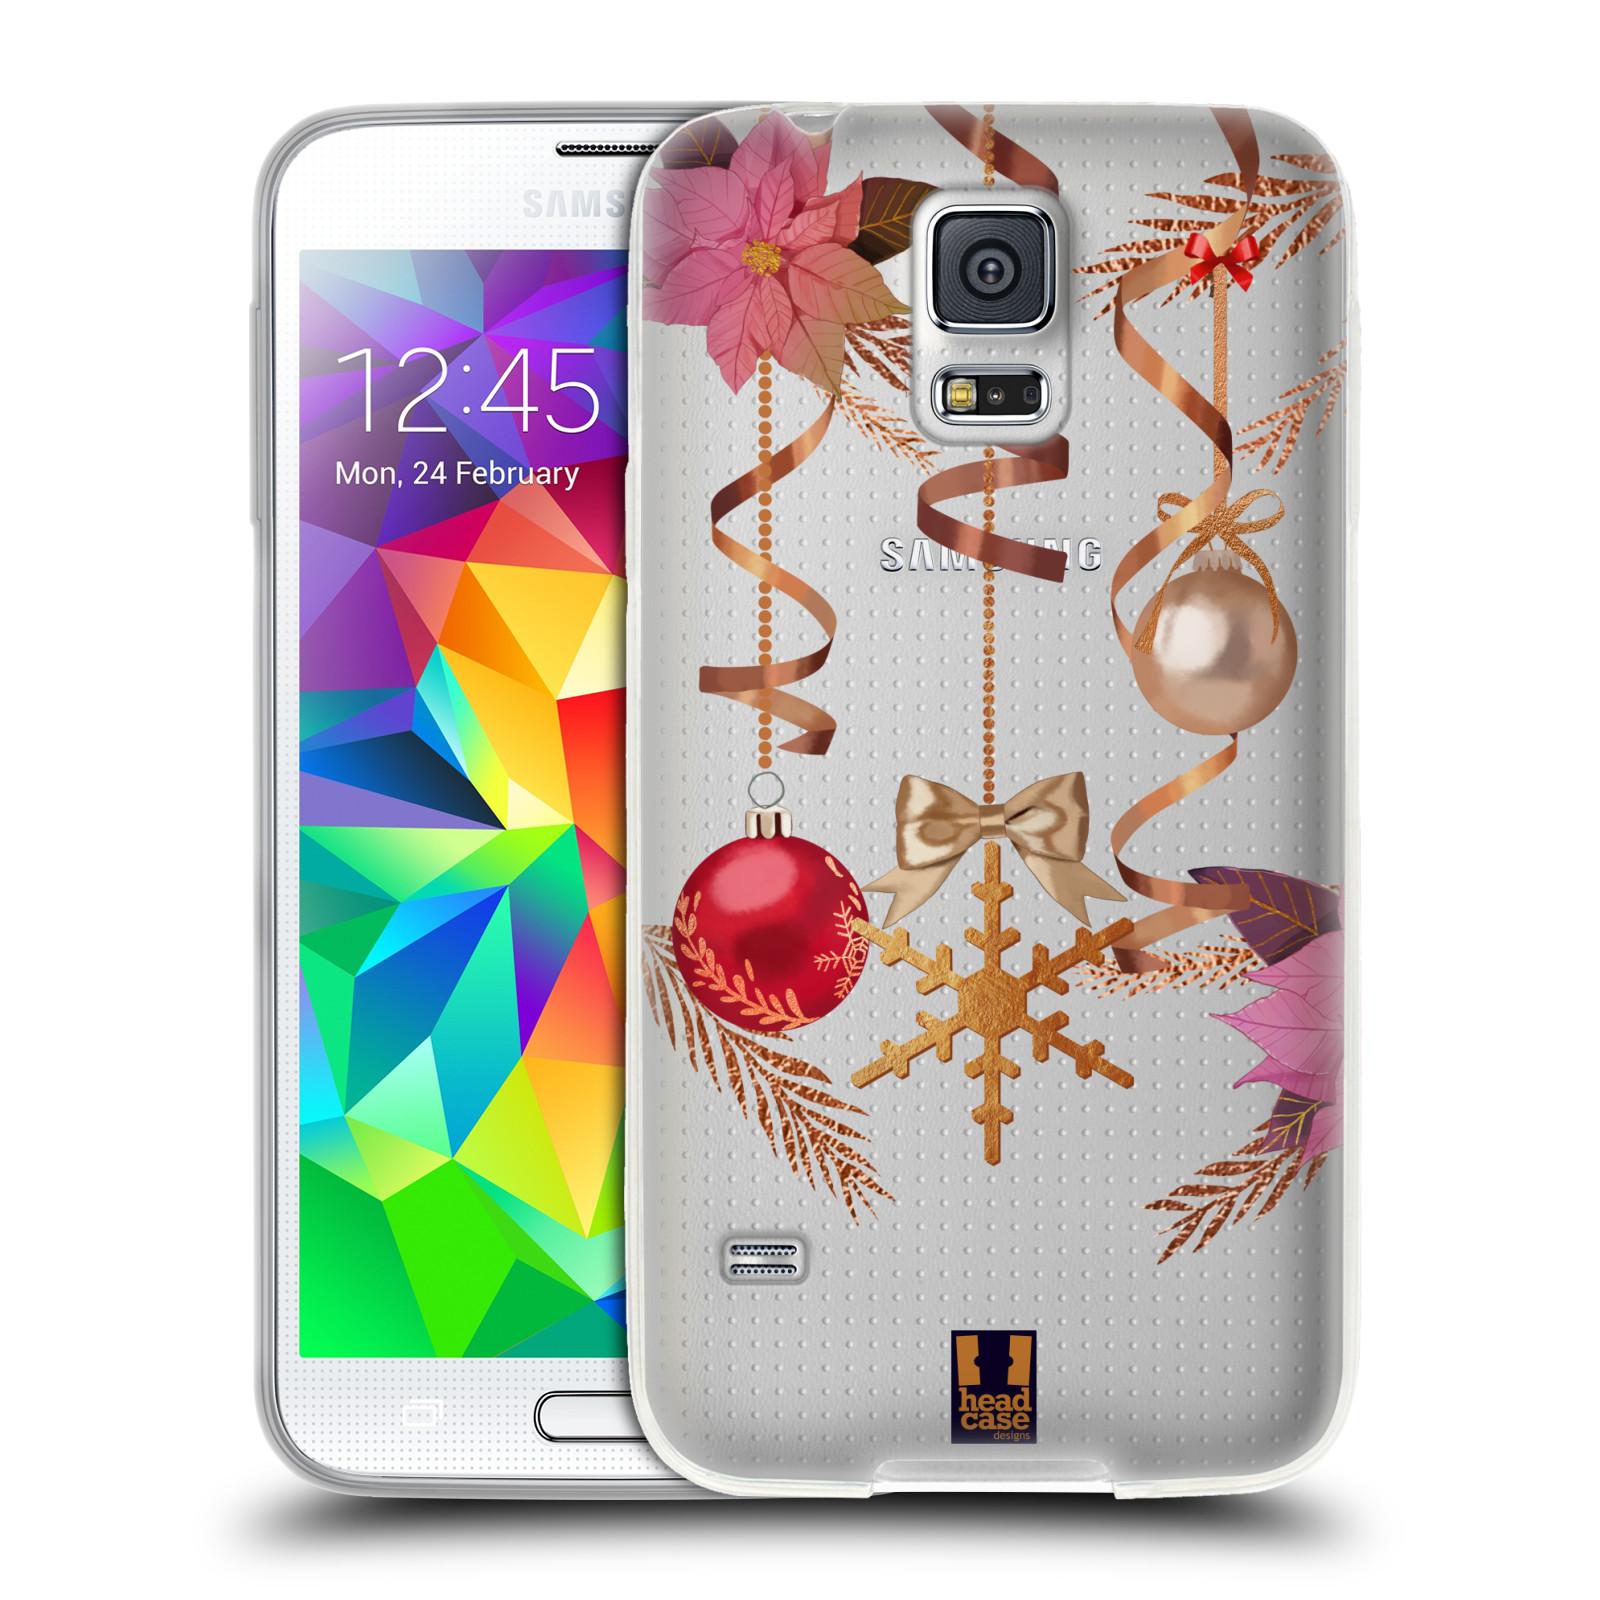 Silikonové pouzdro na mobil Samsung Galaxy S5 Neo - Head Case - Vločka a vánoční ozdoby